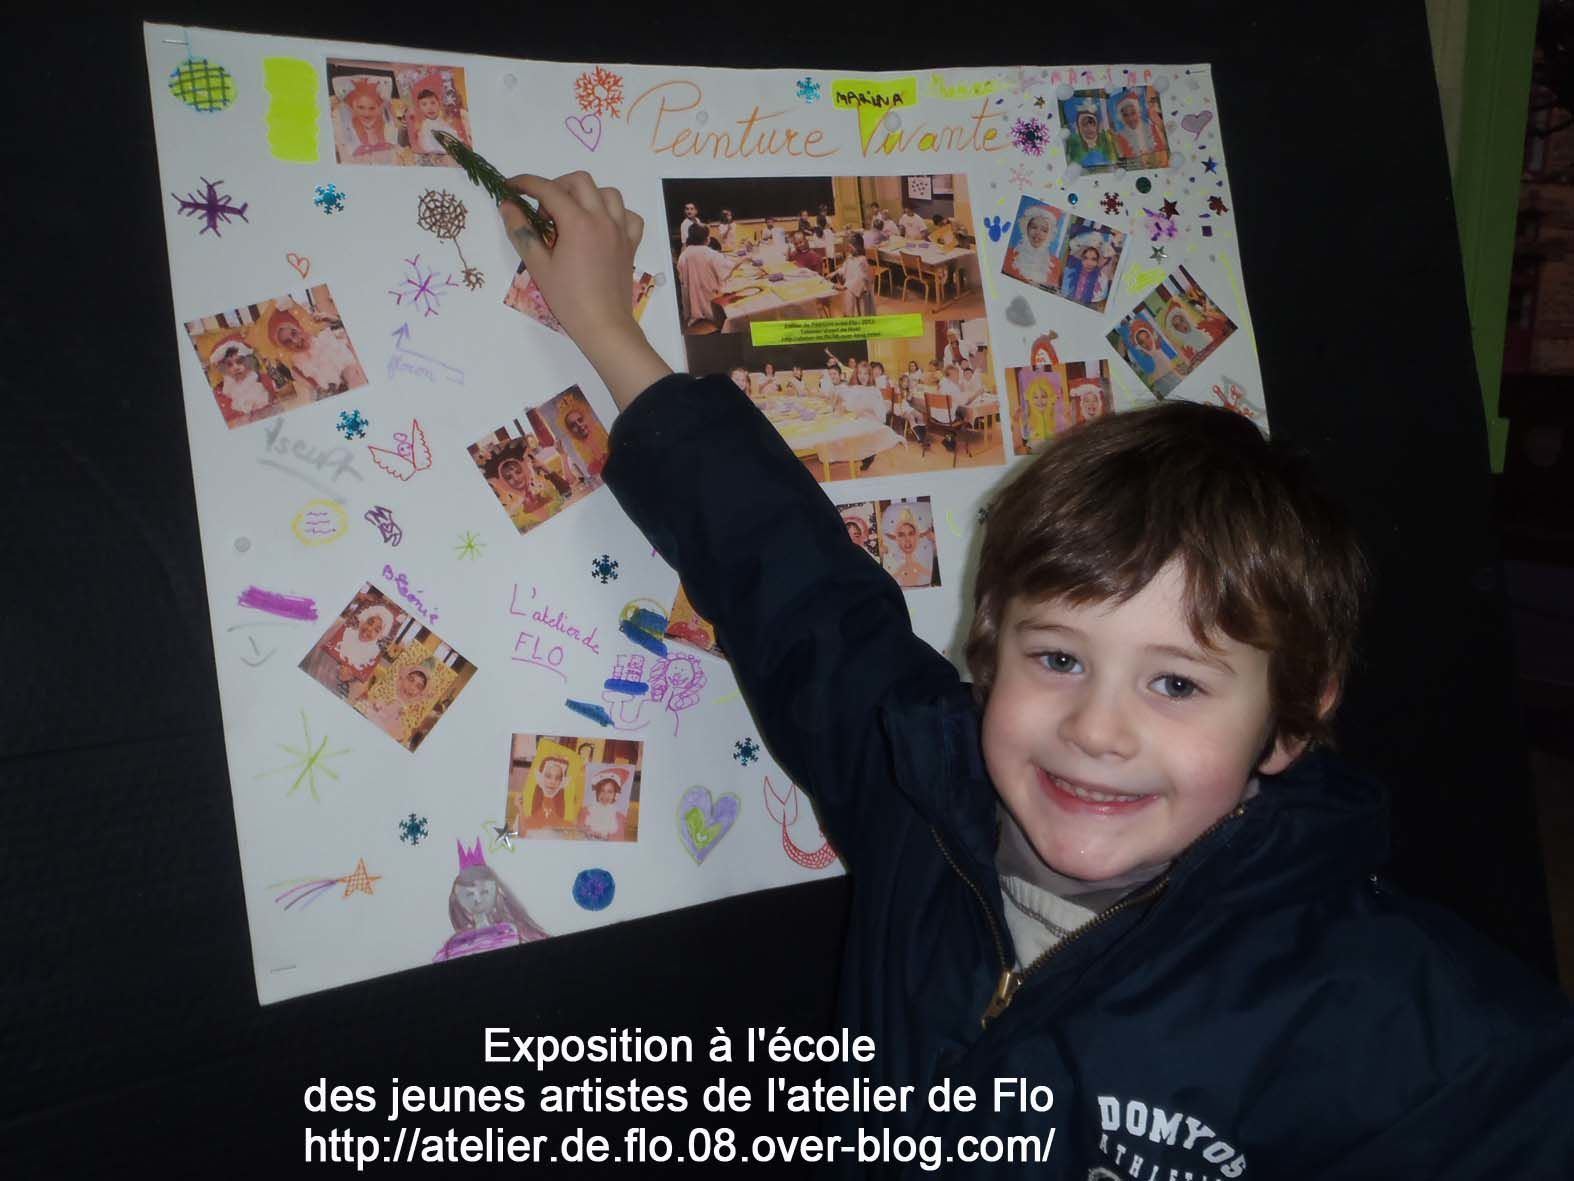 Les jeunes artistes Donchérois et le Maire de Donchery qui est venu participer à l'exposition !